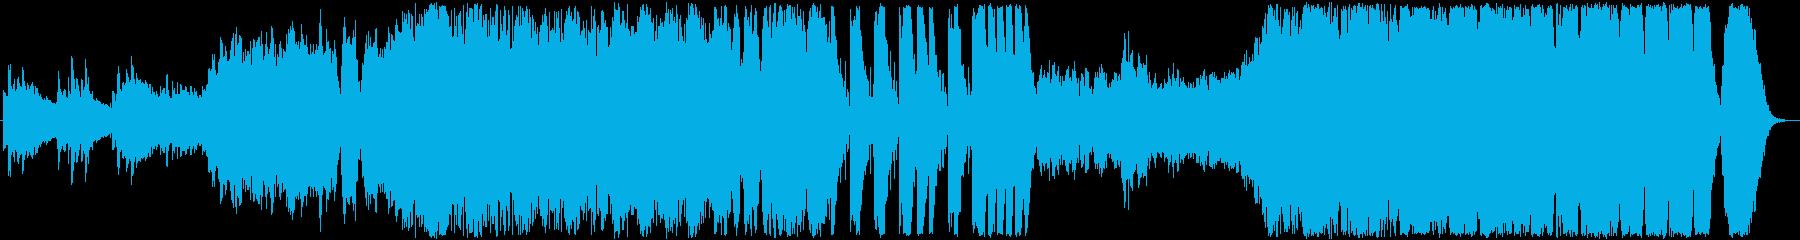 ゲーム風なオープニングの再生済みの波形